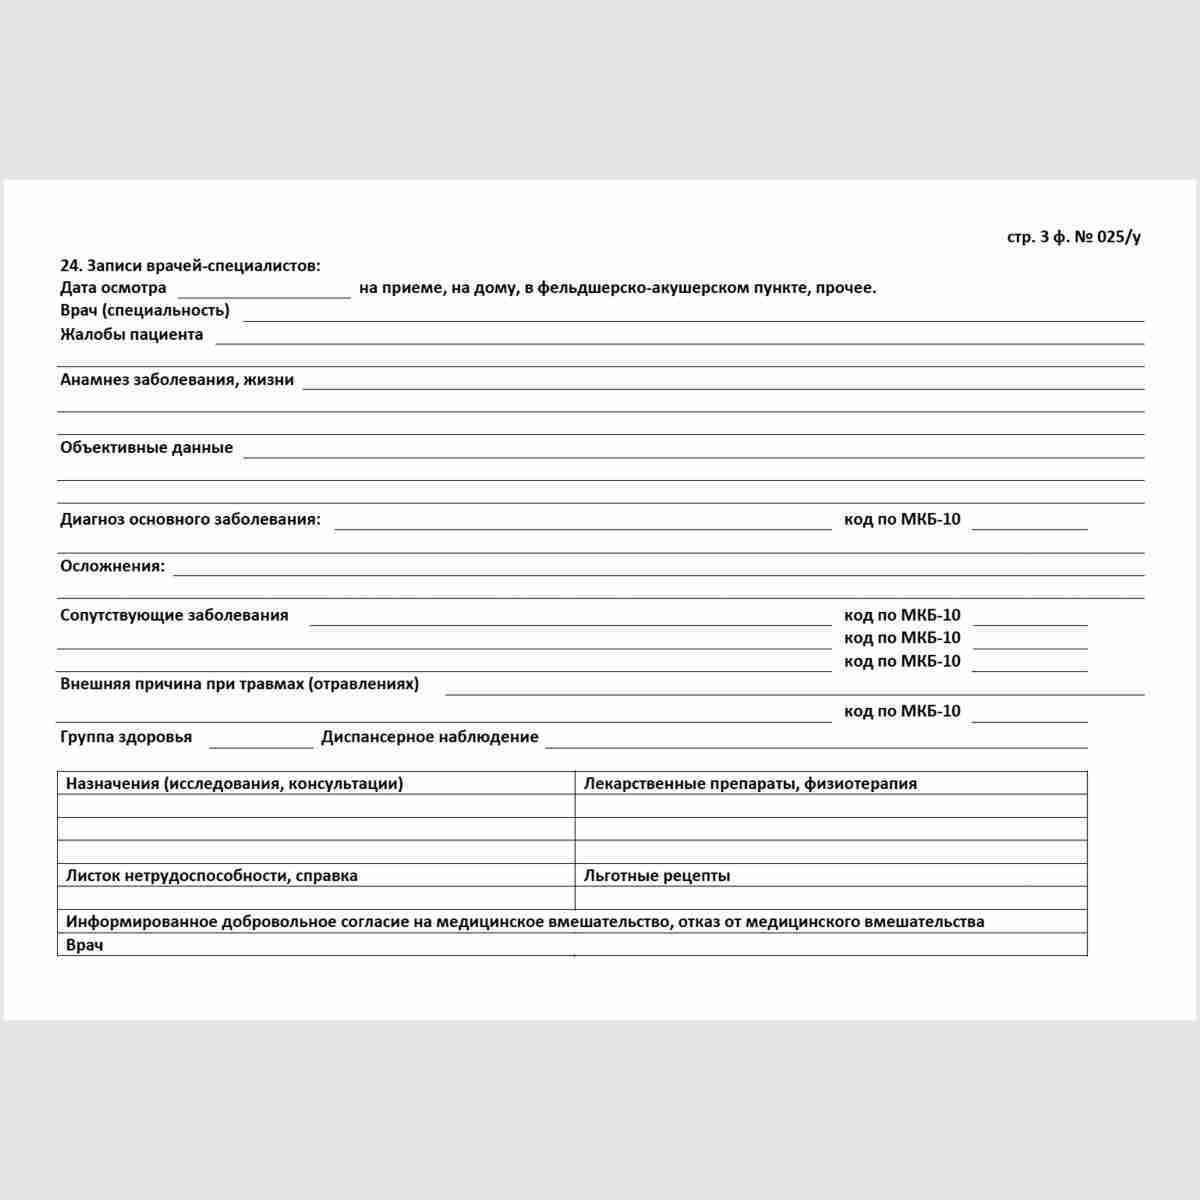 """Учетная форма №025/у """"Медицинская карта пациента, получающего медицинскую помощь в амбулаторных условиях"""". Стр. 3"""